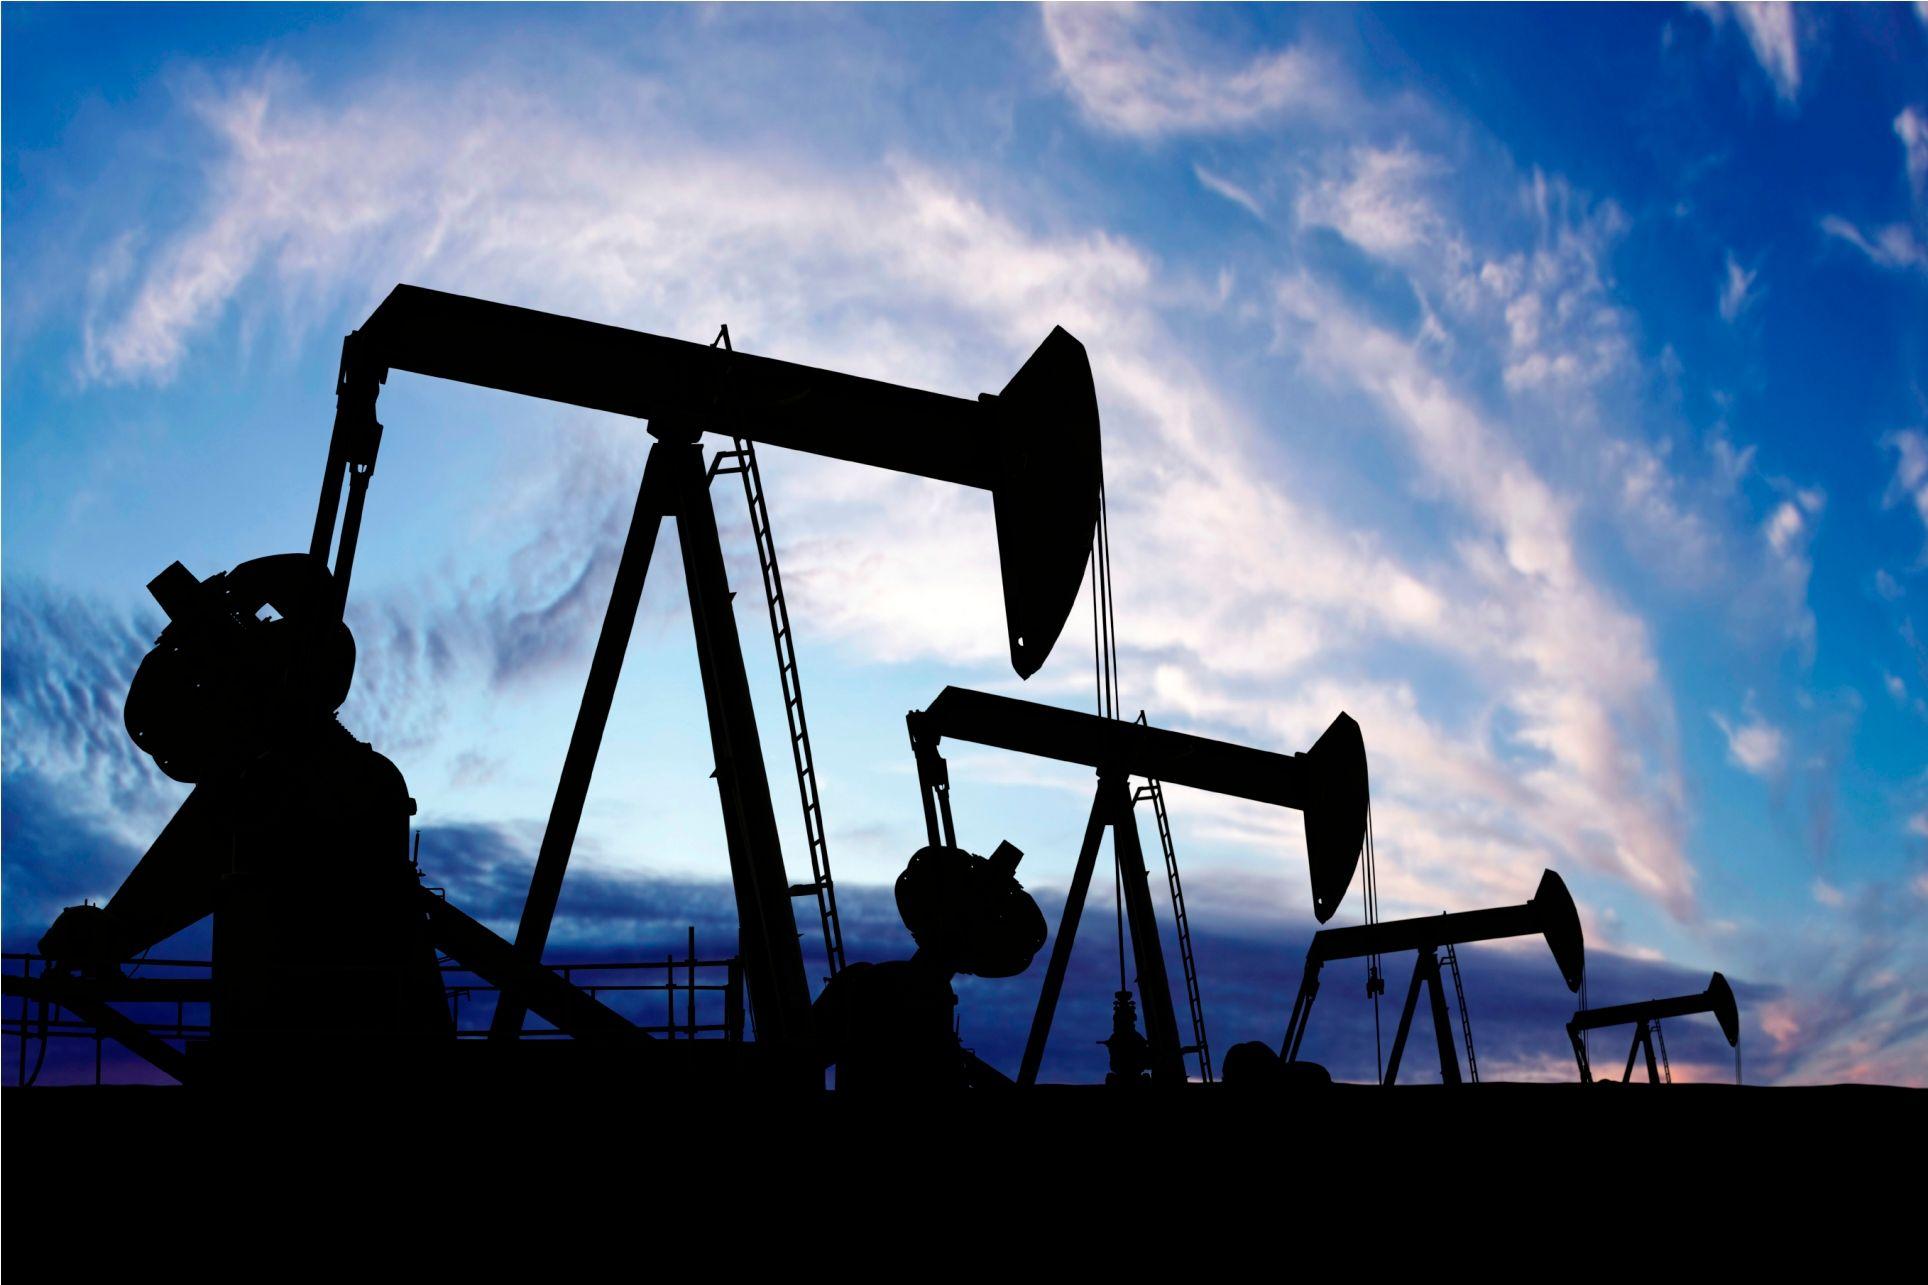 Энергокомпании должны сократить добычу на 35% - Kapital.kz